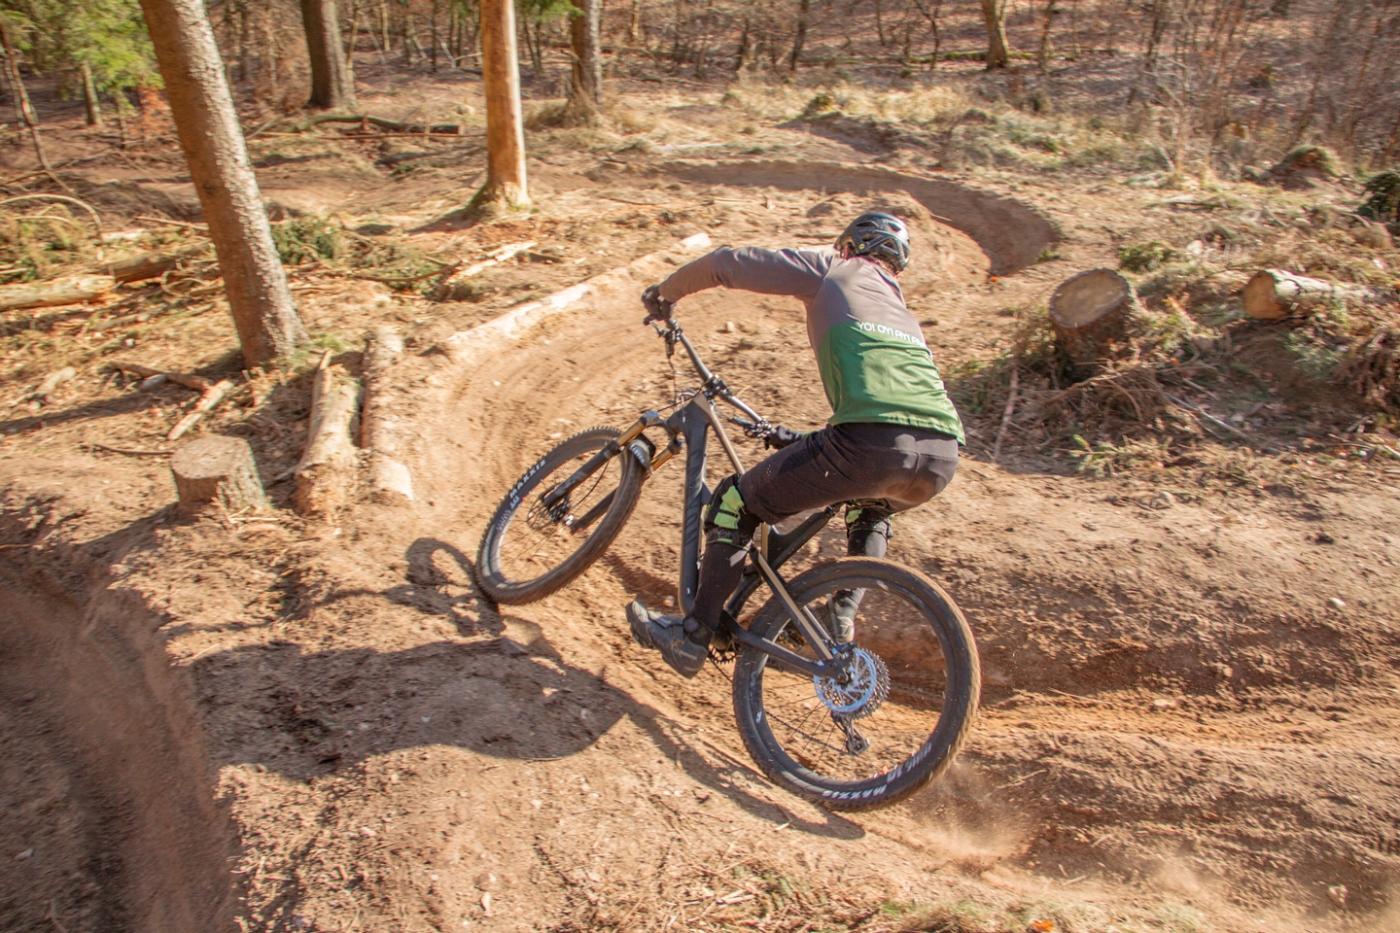 Det nye trailmonster – Canyon Spectral – Bikings